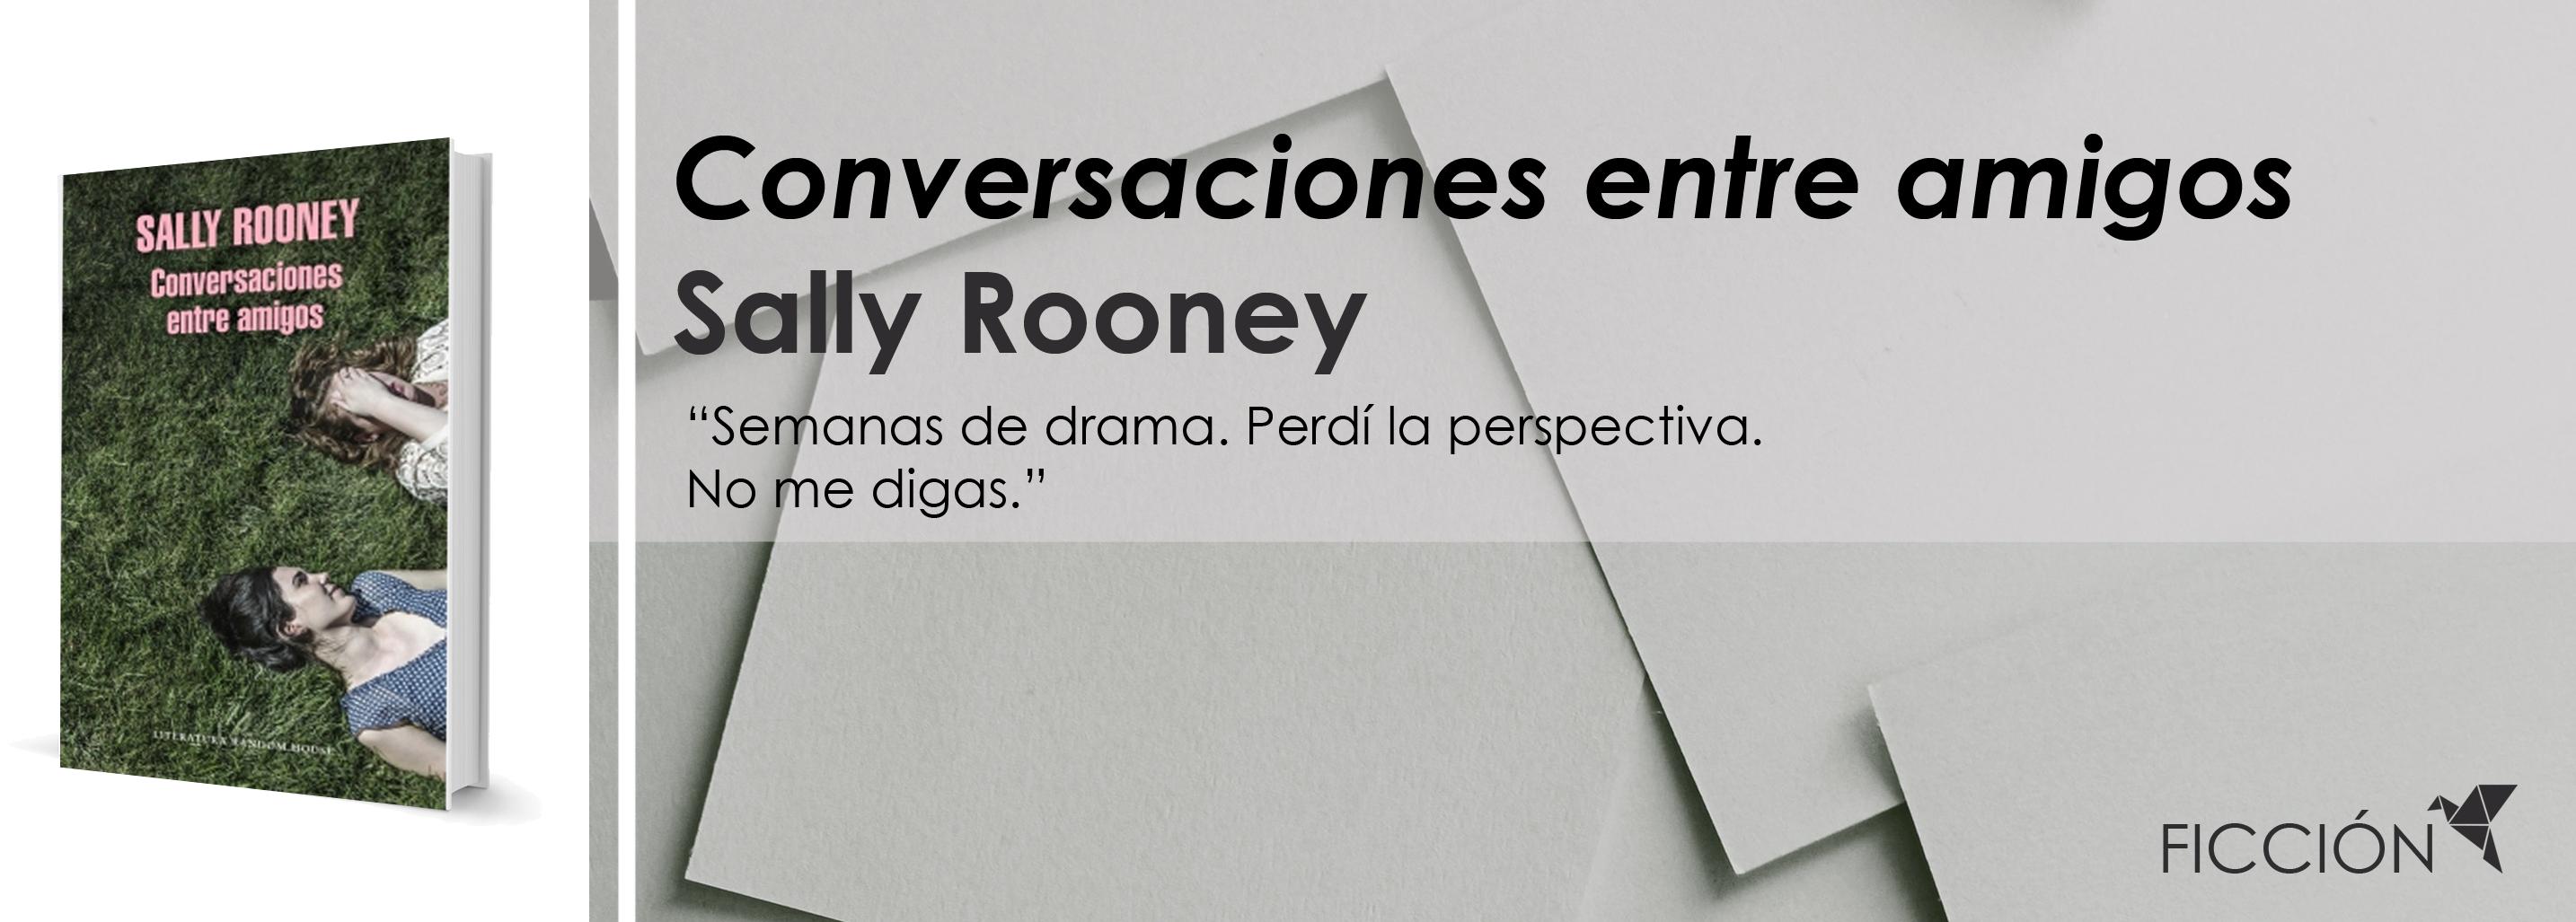 Conversaciones entre amigos, de Sally Rooney